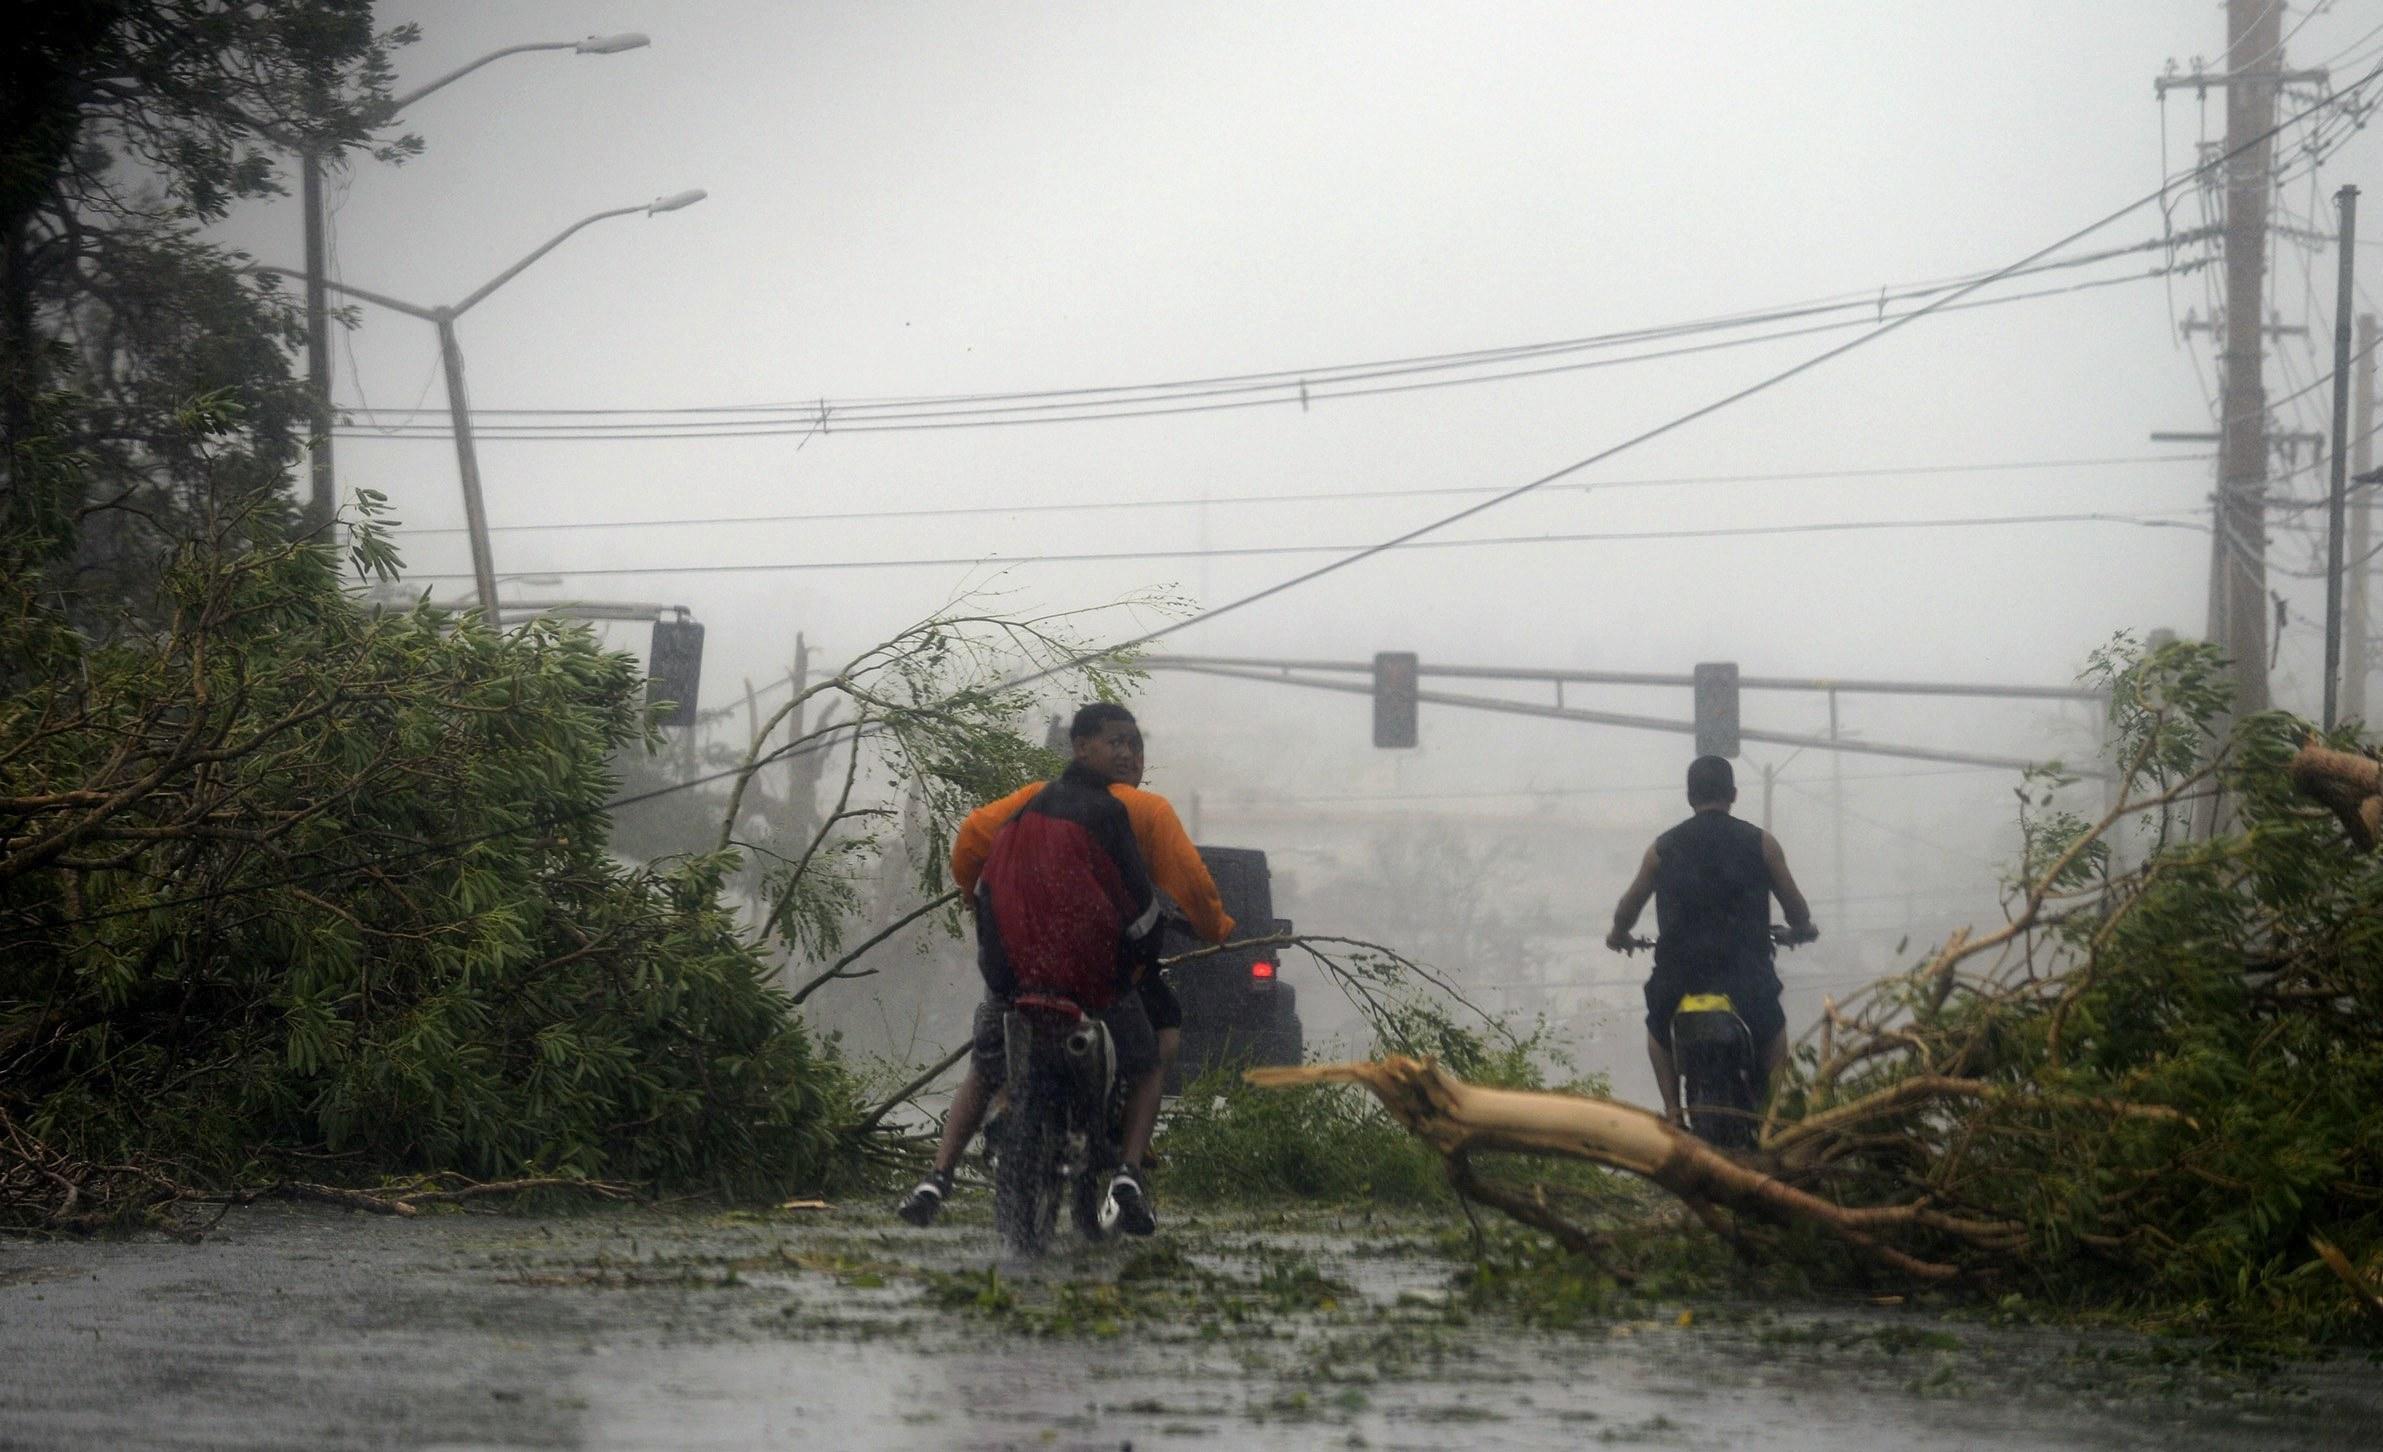 Cinco ex-presidentes dos EUA juntam-se para angariar dinheiro para vítimas de furacões